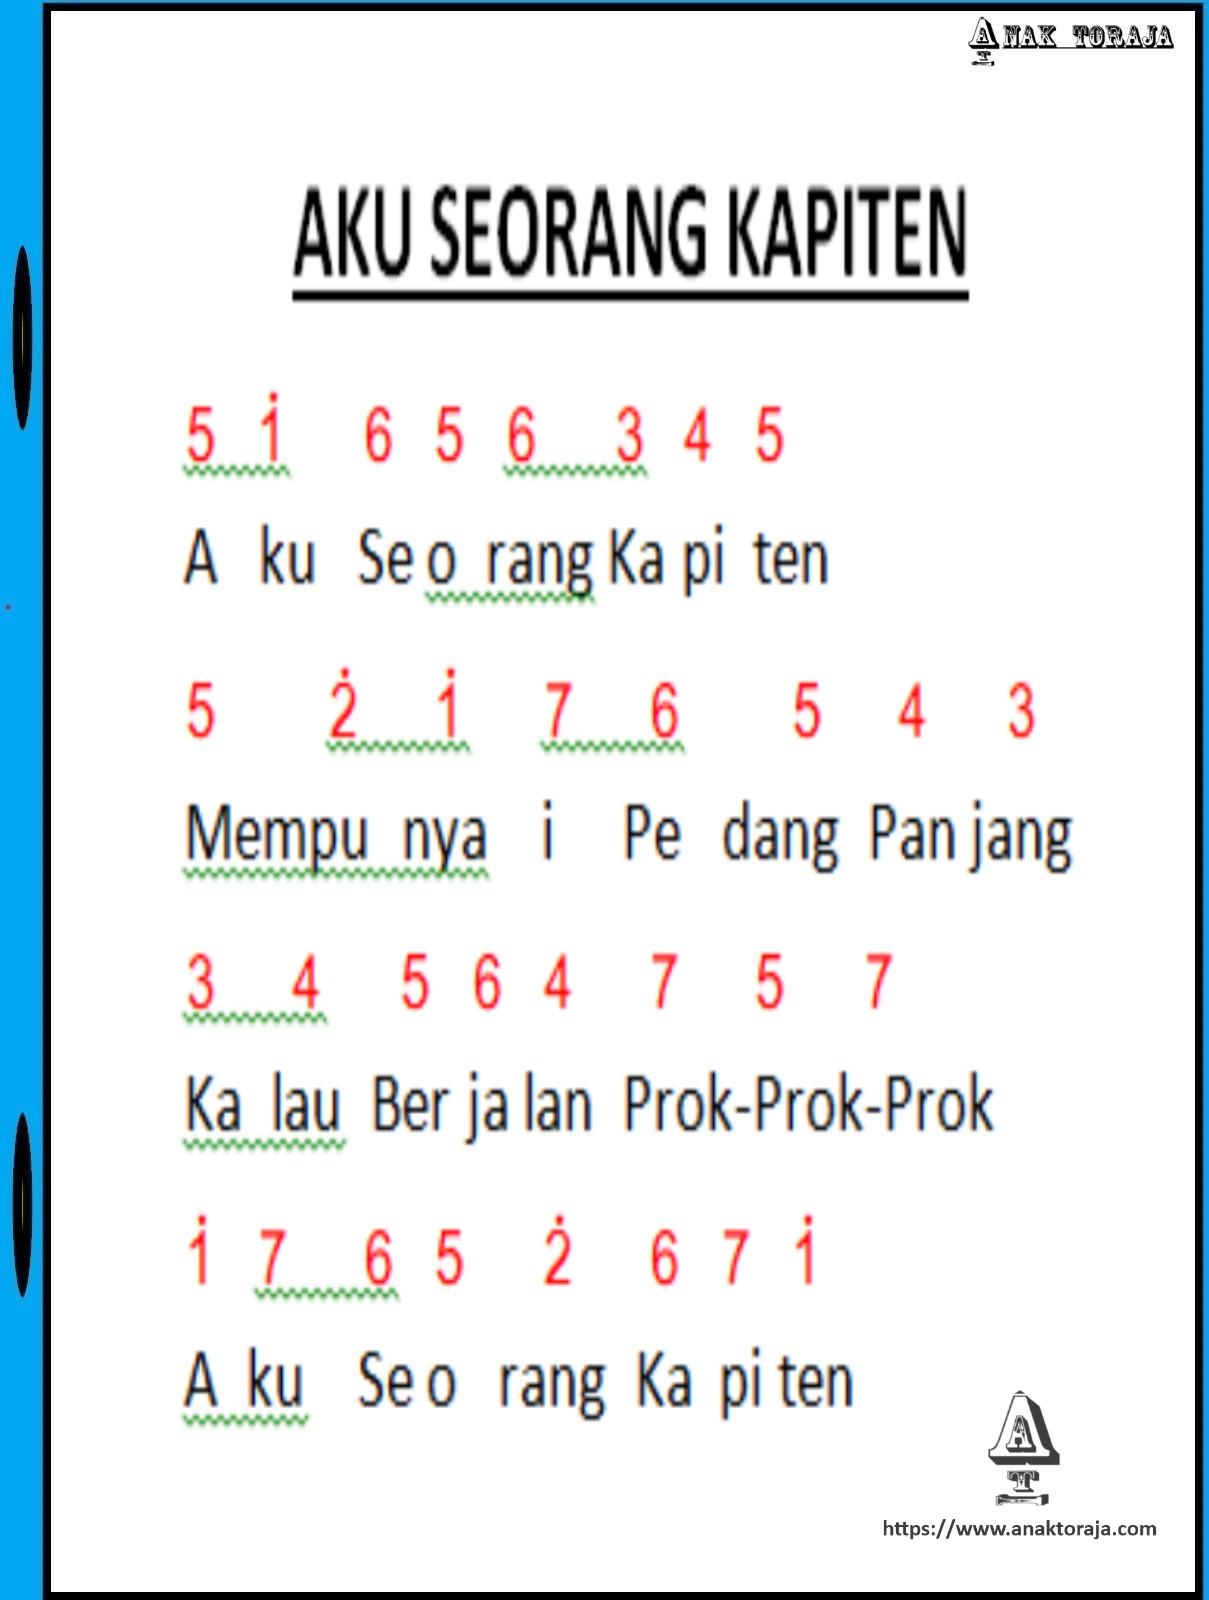 Lagu Anak Anak Beserta Not Angka : beserta, angka, Angka, Seorang, Kapiten, Anak-anak